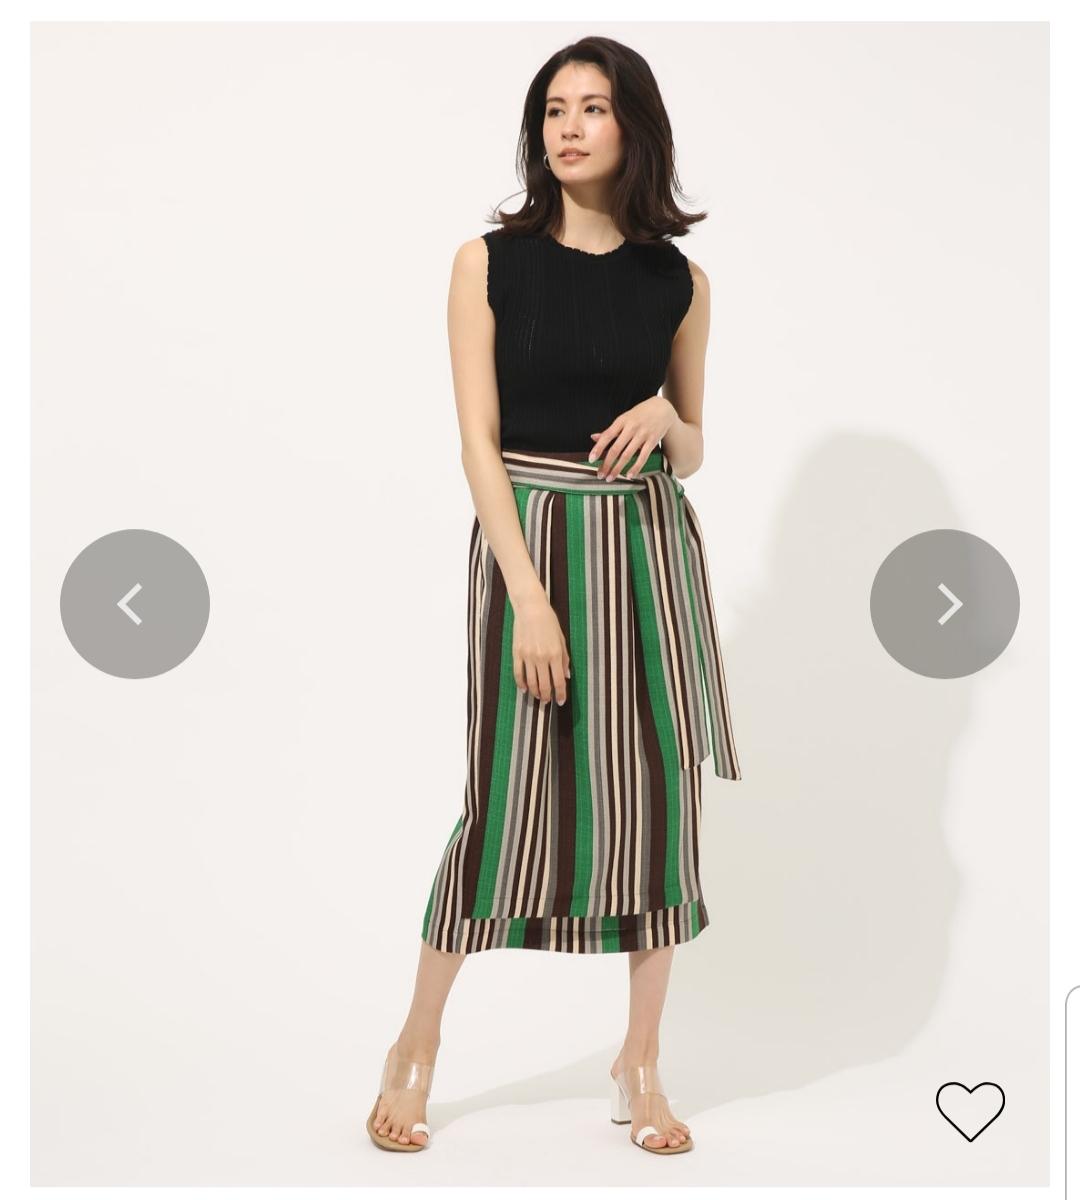 今年のスカートは柄物で